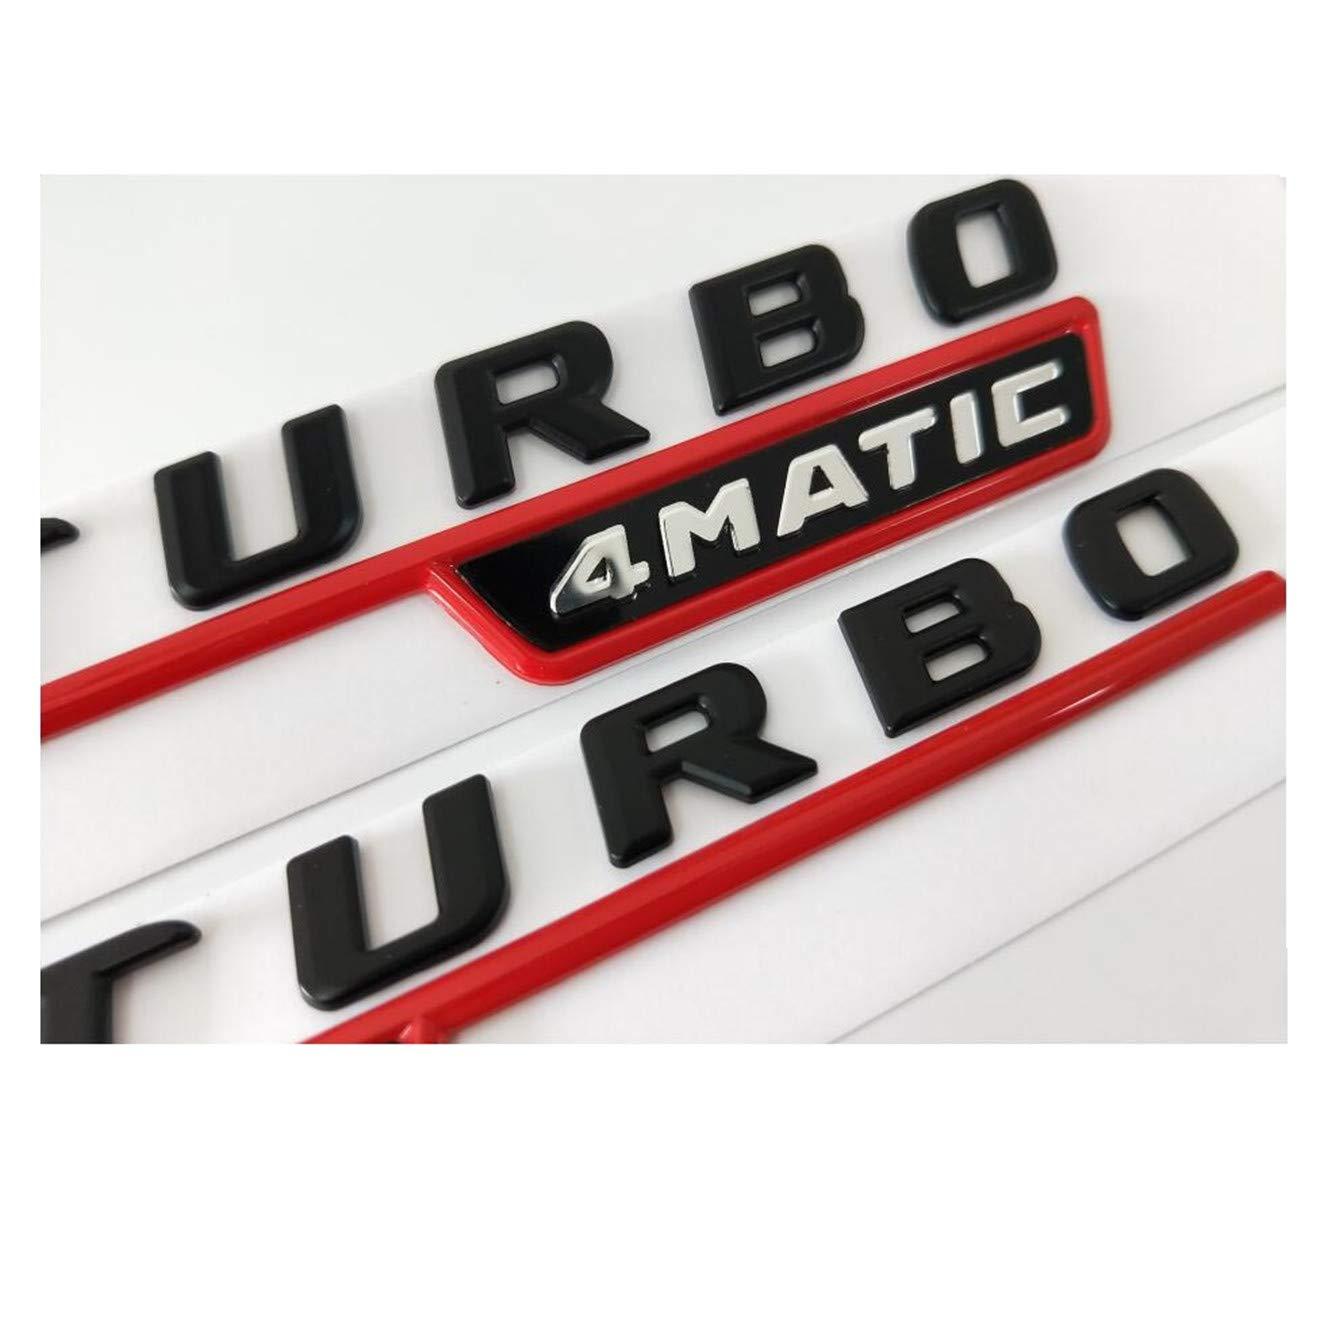 Stemma Embl/ème de Hayon Embl/ème AMG W176 W177 CXYYJGY Lettere Noires A35 A45 V8 BITURBO Turbo 4 MATIC